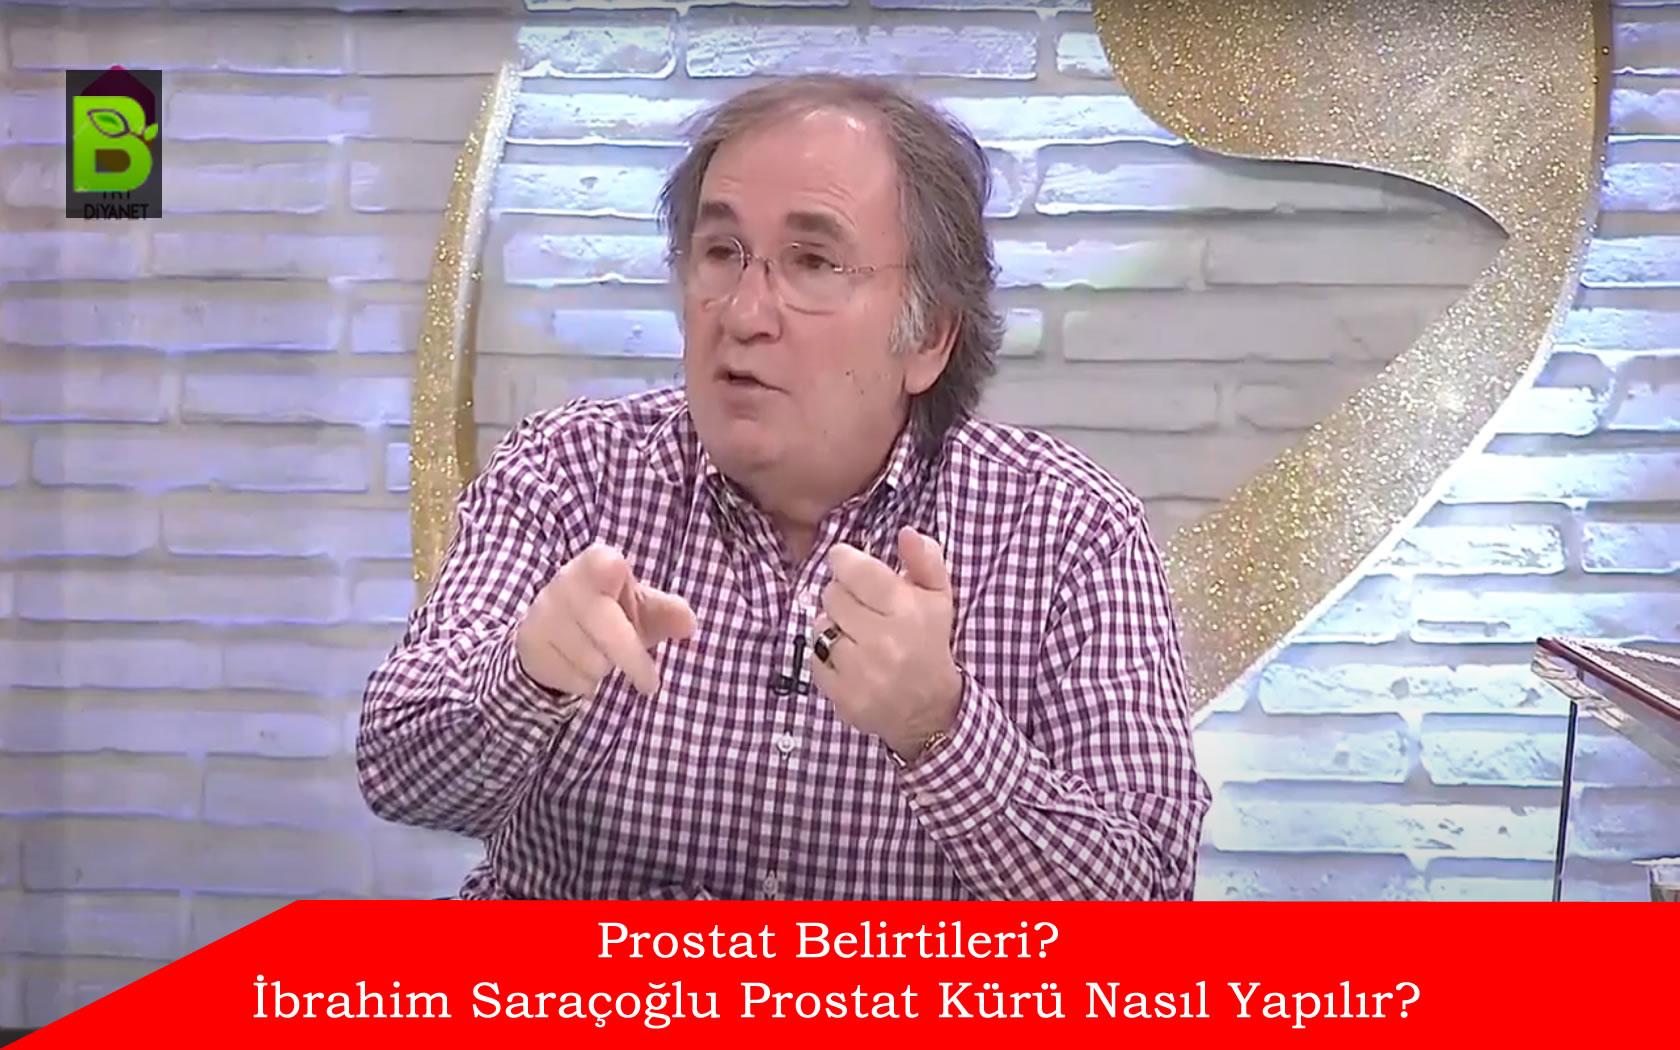 Prostat Belirtileri? İbrahim Saraçoğlu Prostat Kürü Nasıl Yapılır?